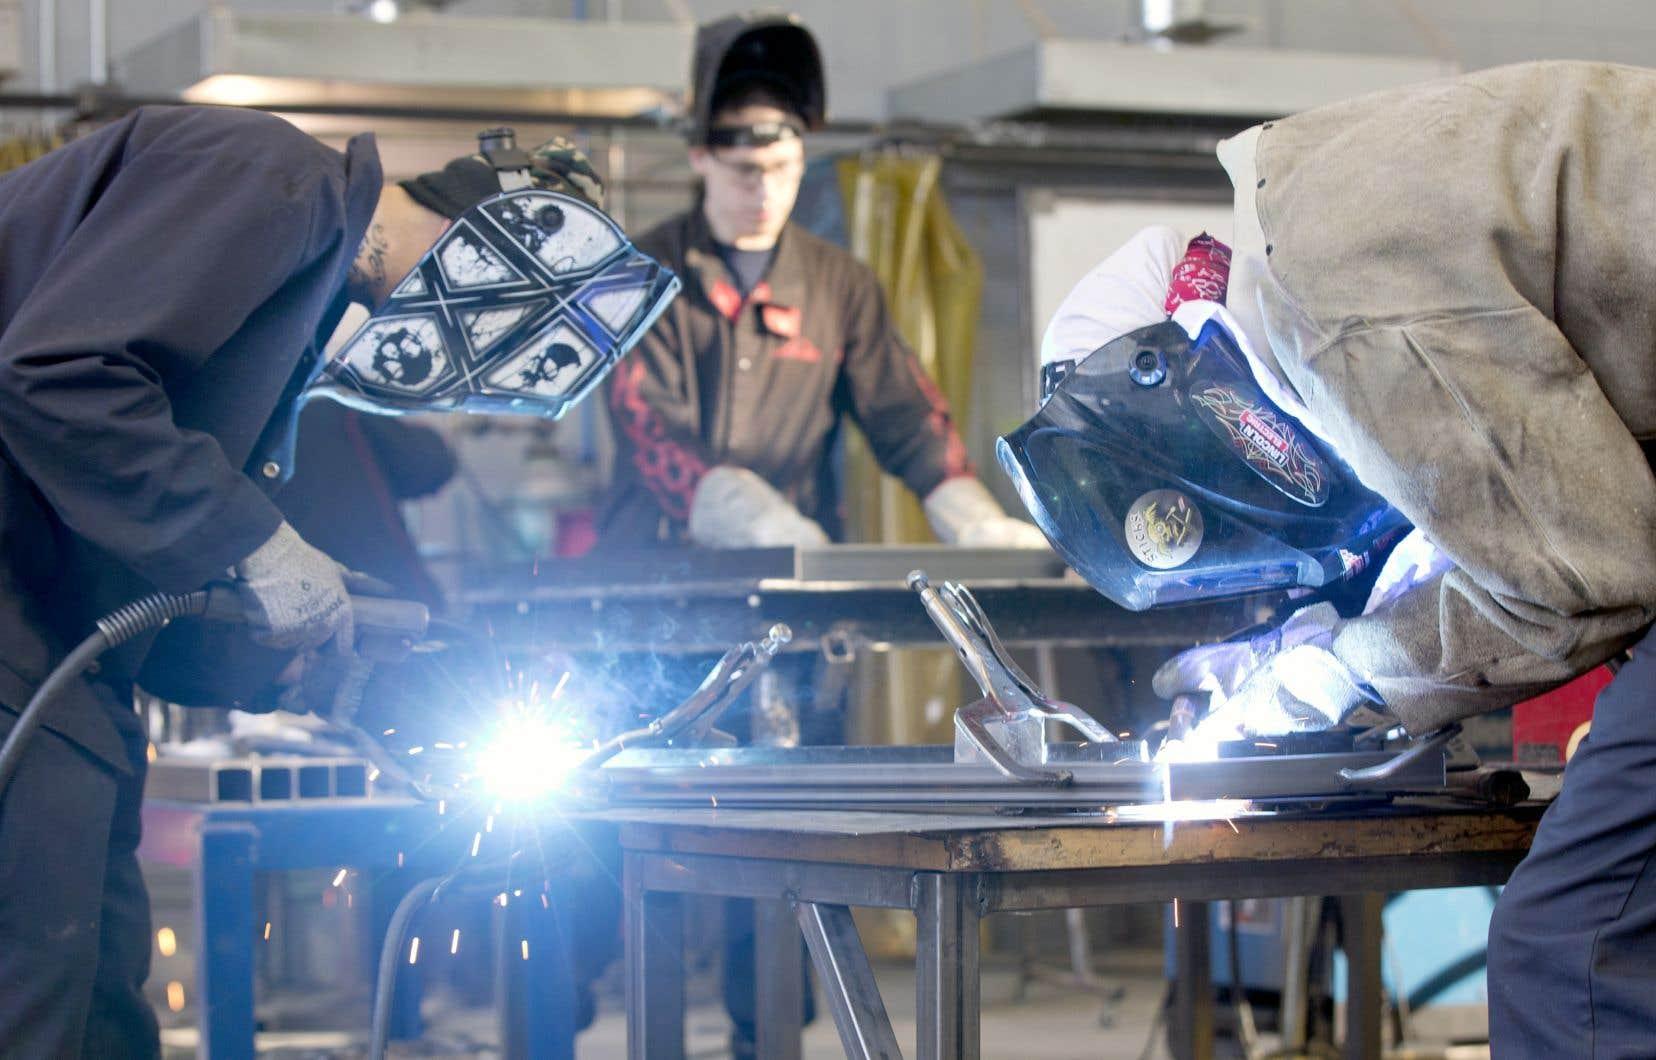 Un moins grand nombre de personnes sur le marché du travail pourrait signifier que des pénuries de main-d'œuvre sont à prévoir au Canada, alors que la demande de travailleurs est sur le point de se redresser.